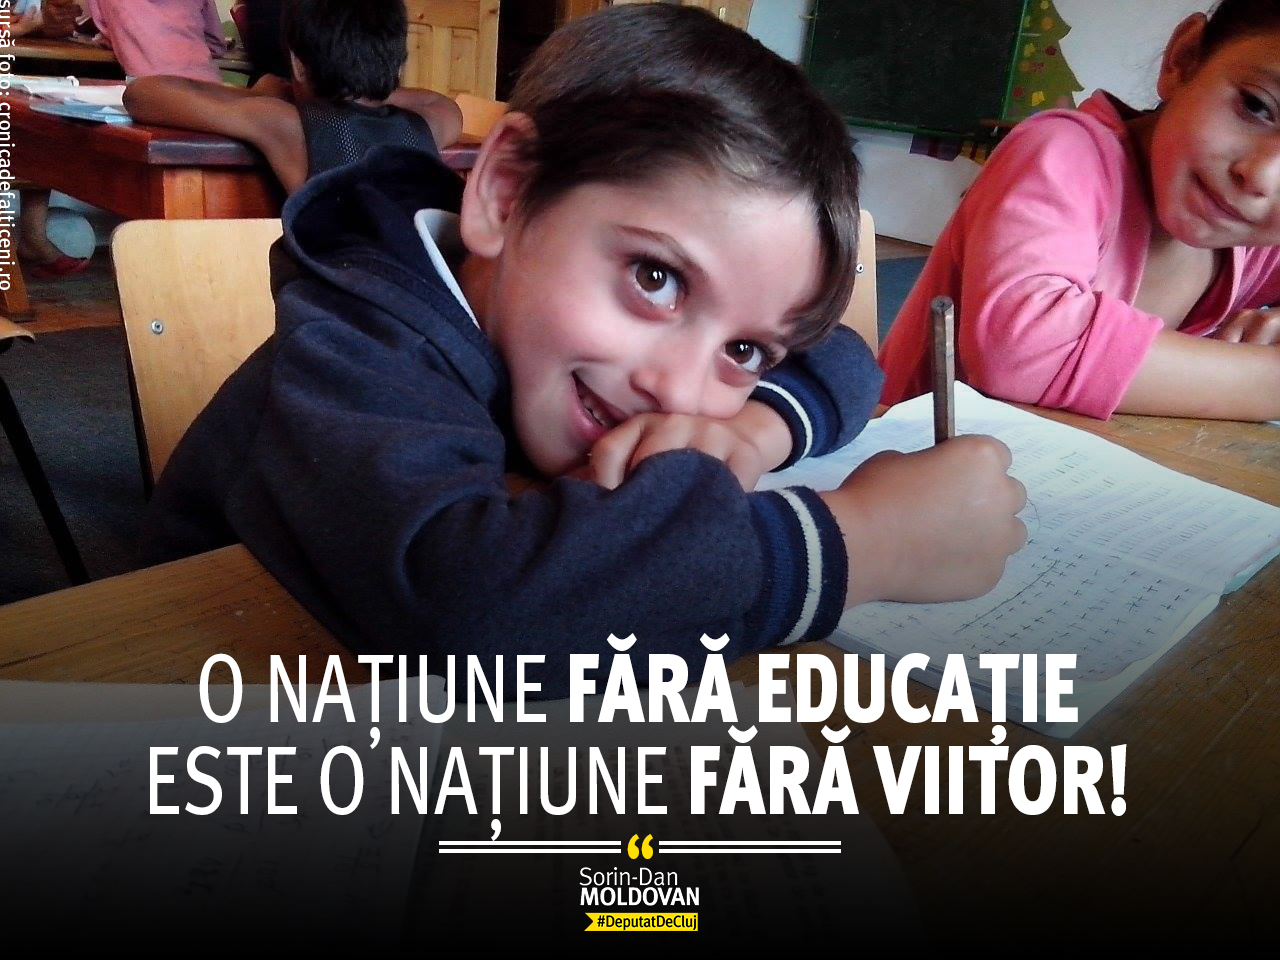 fara educatie, fara viitor